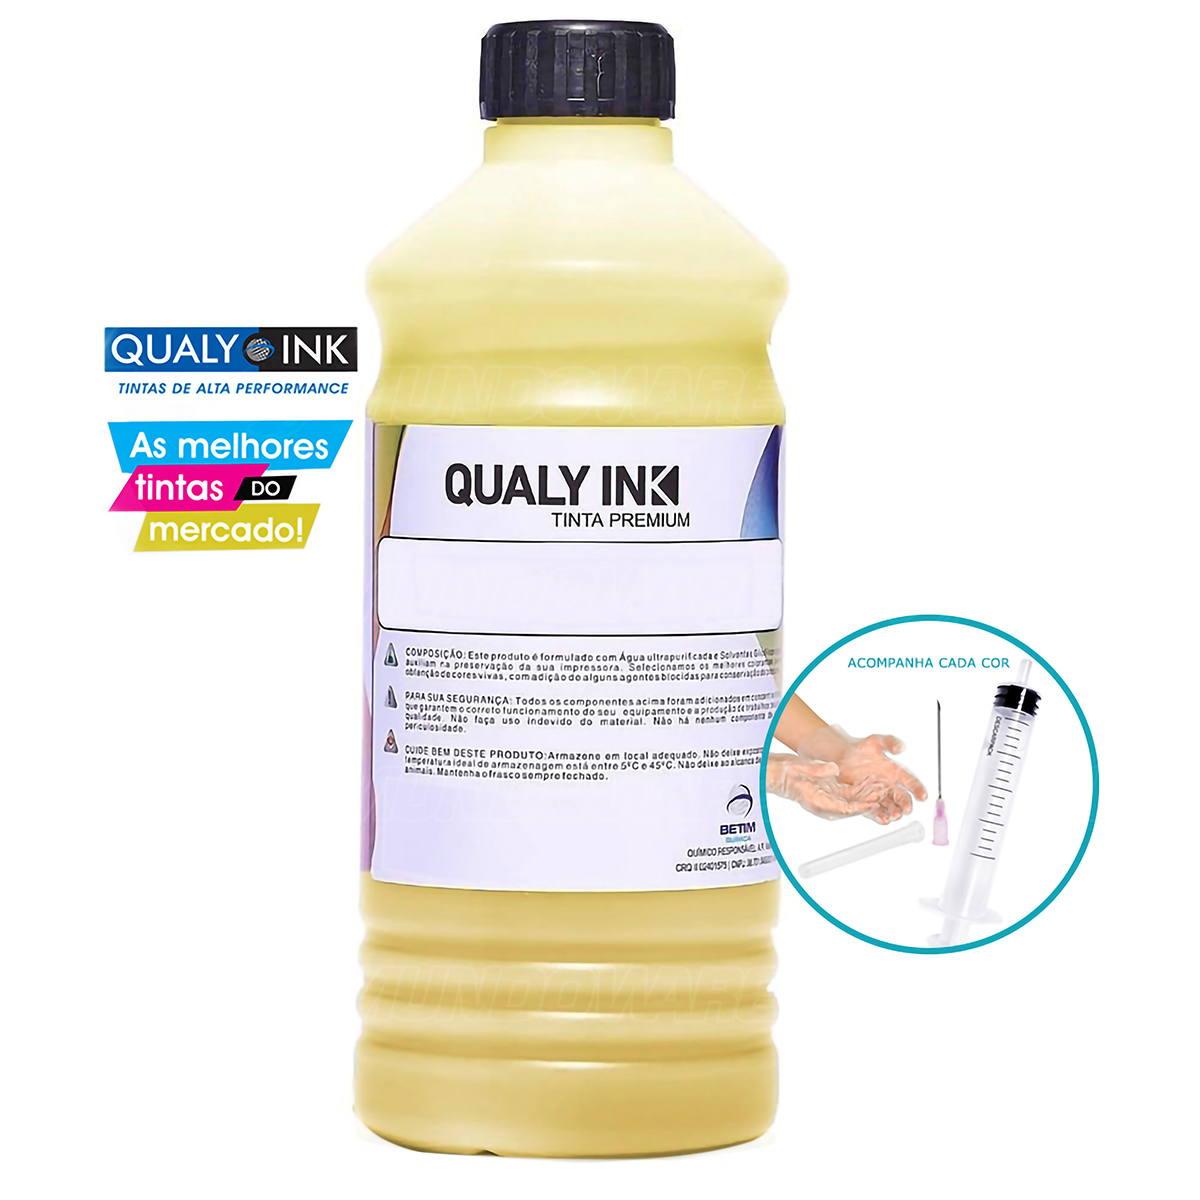 Compatível: Tinta Corante Qualy-Ink YC1H-696 para Recarga de Cartuchos HP série 3000 Amarelo 1L